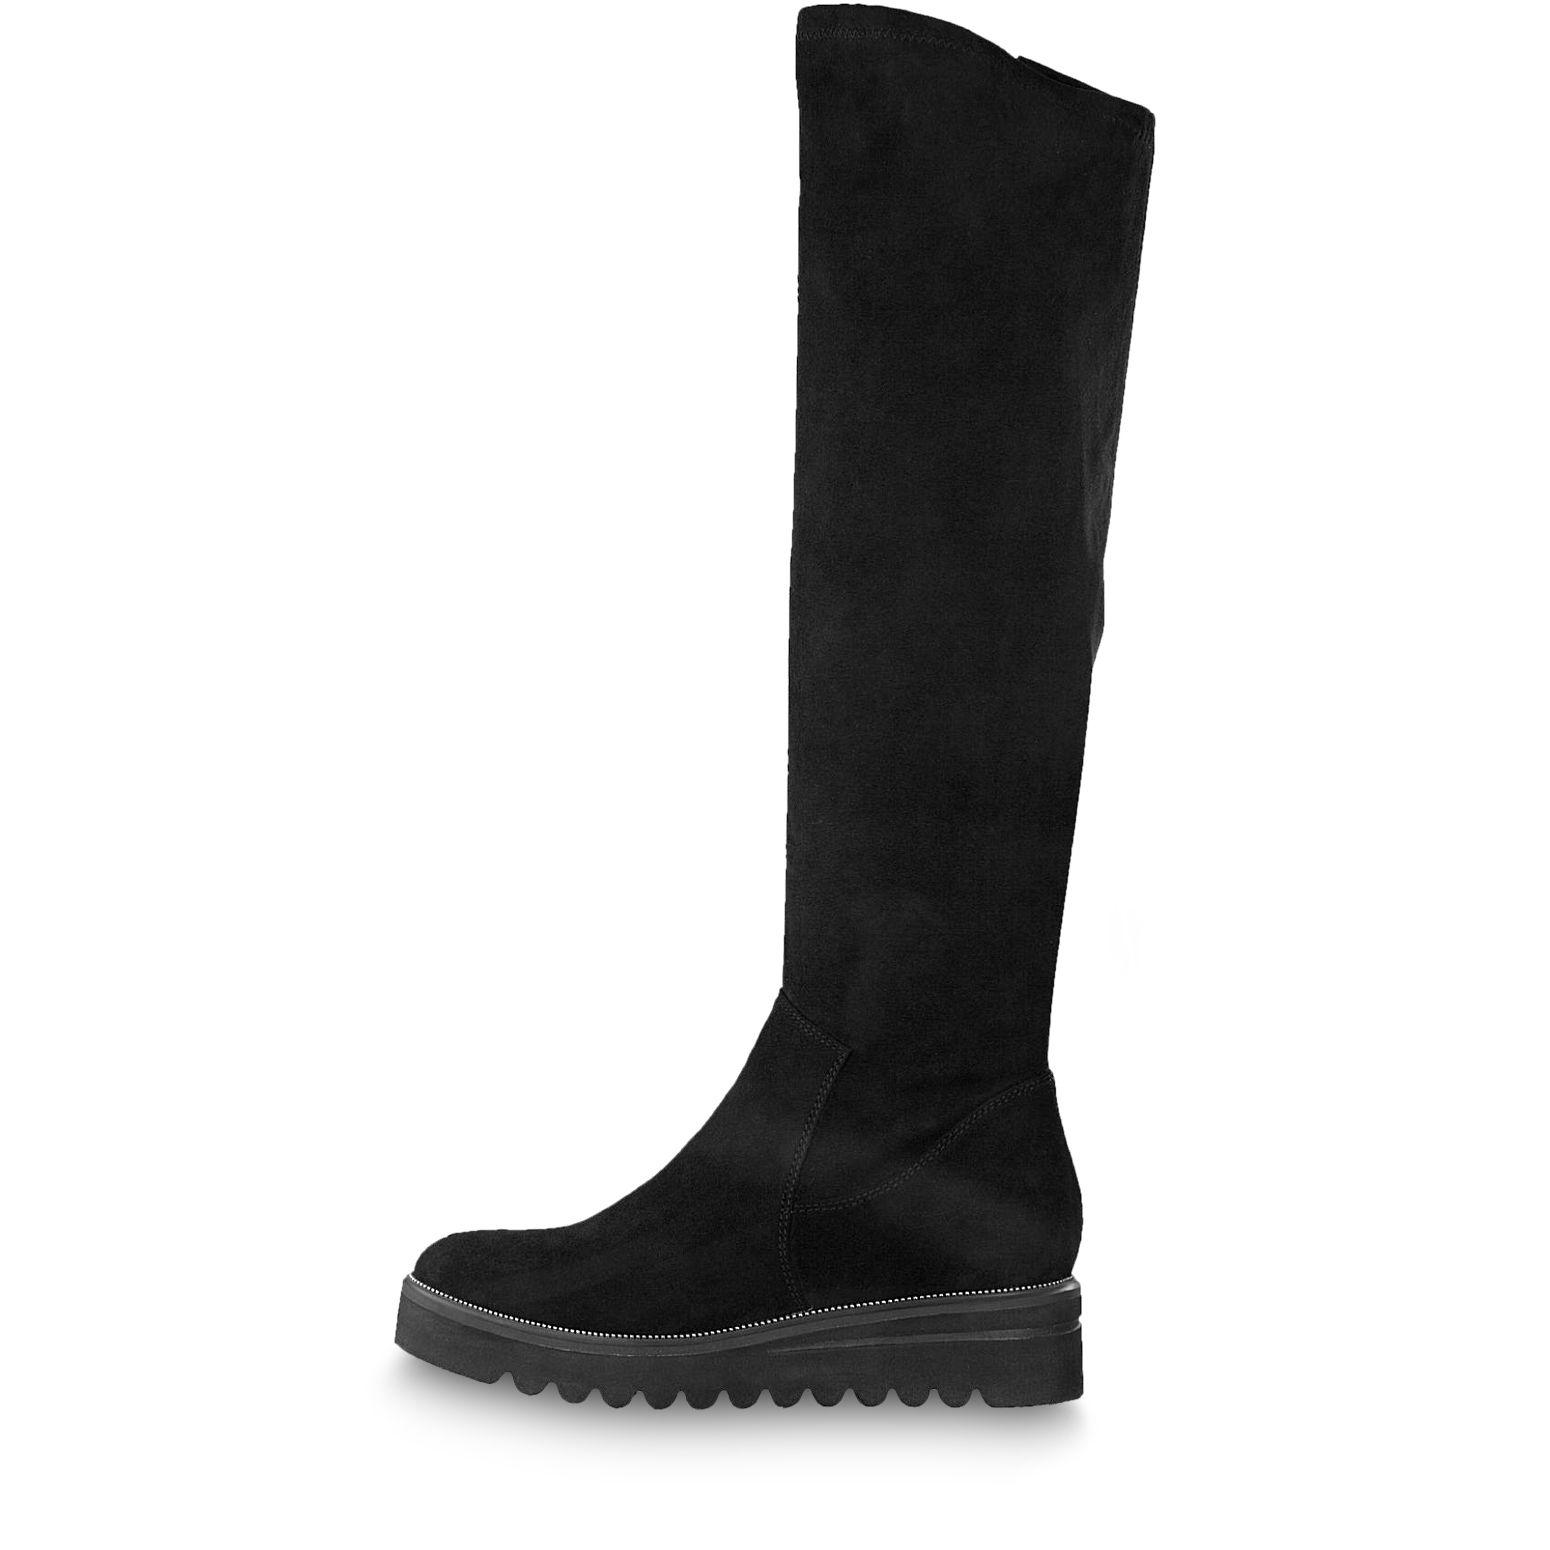 e54005aaf151f Boots